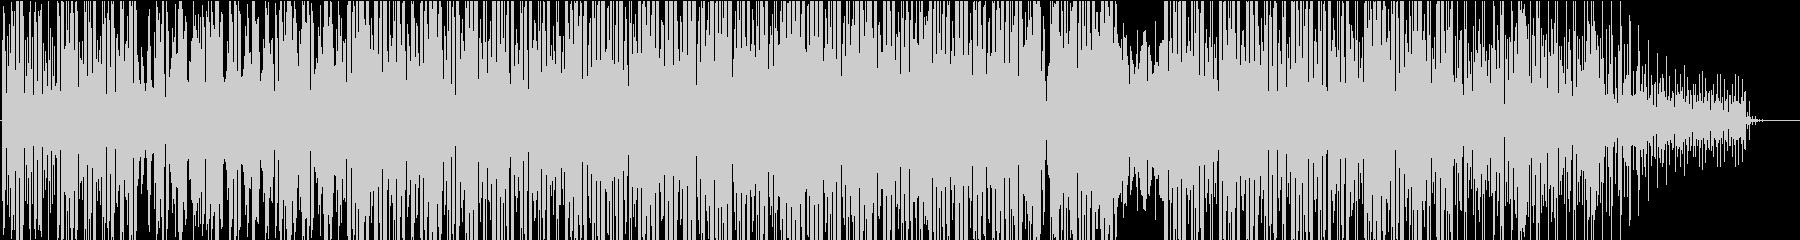 ザラザラした雰囲気の機械的ミュージックの未再生の波形